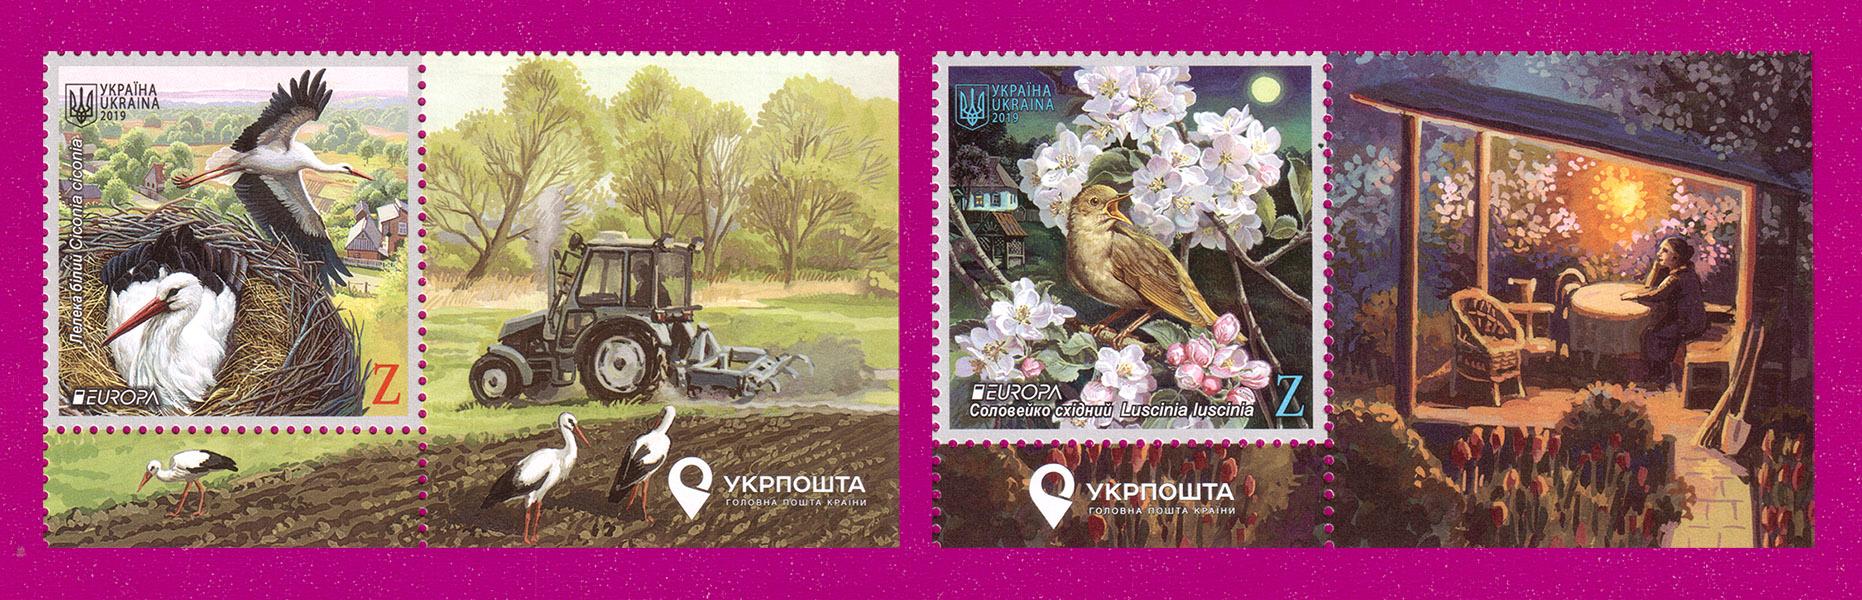 2019 марки Птицы аист и соловей фауна ЛИТЕРНАЯ СЕРИЯ С КУПОНАМИ Украина